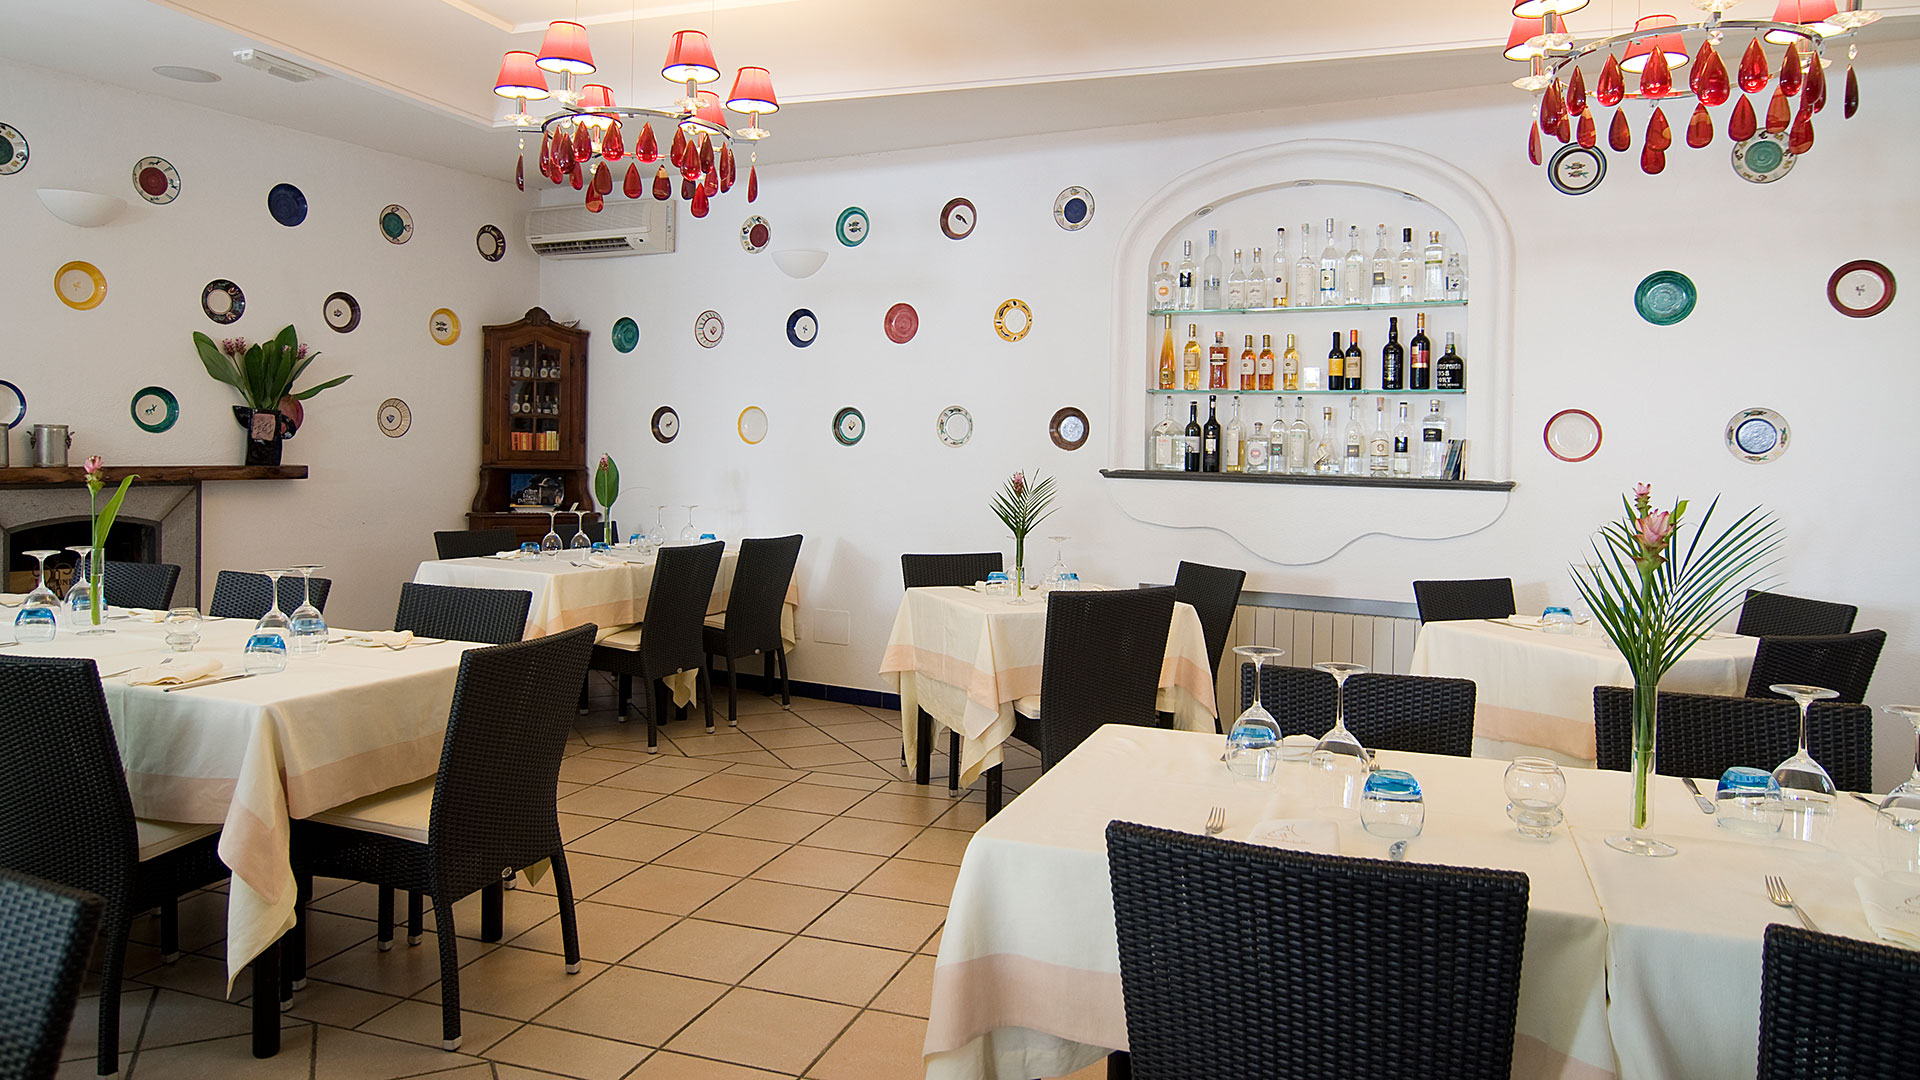 Contract e forniture bar ristoranti arredamenti e forniture in